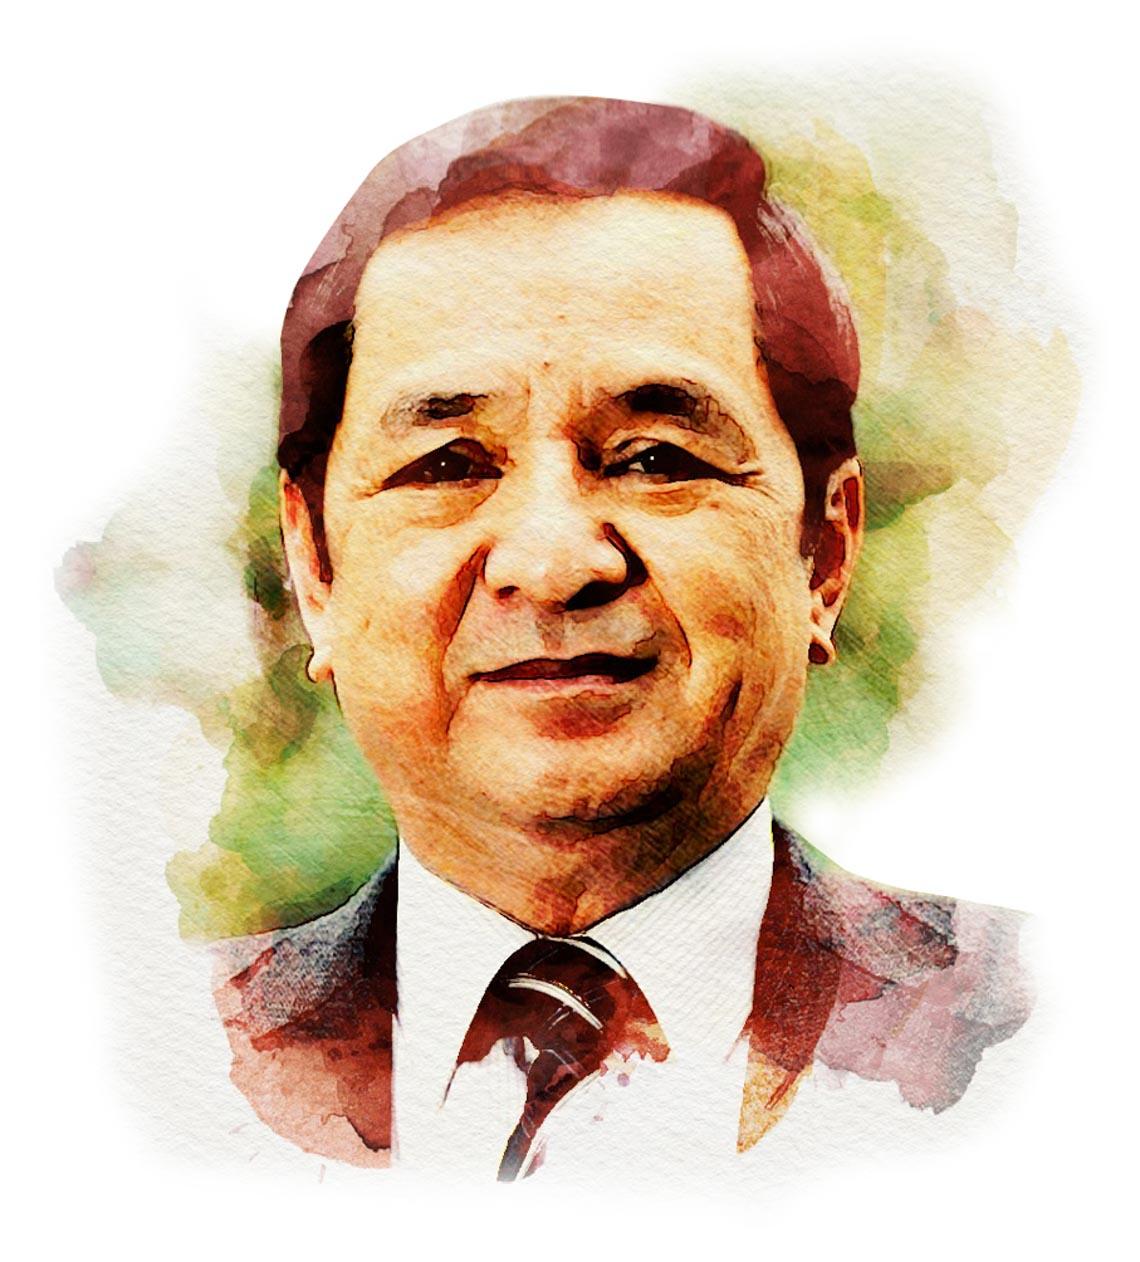 Ông Phạm Ngọc Tuấn, Viện trưởng Viện Phát triển Quản trị và Công nghệ (IMT) - 1